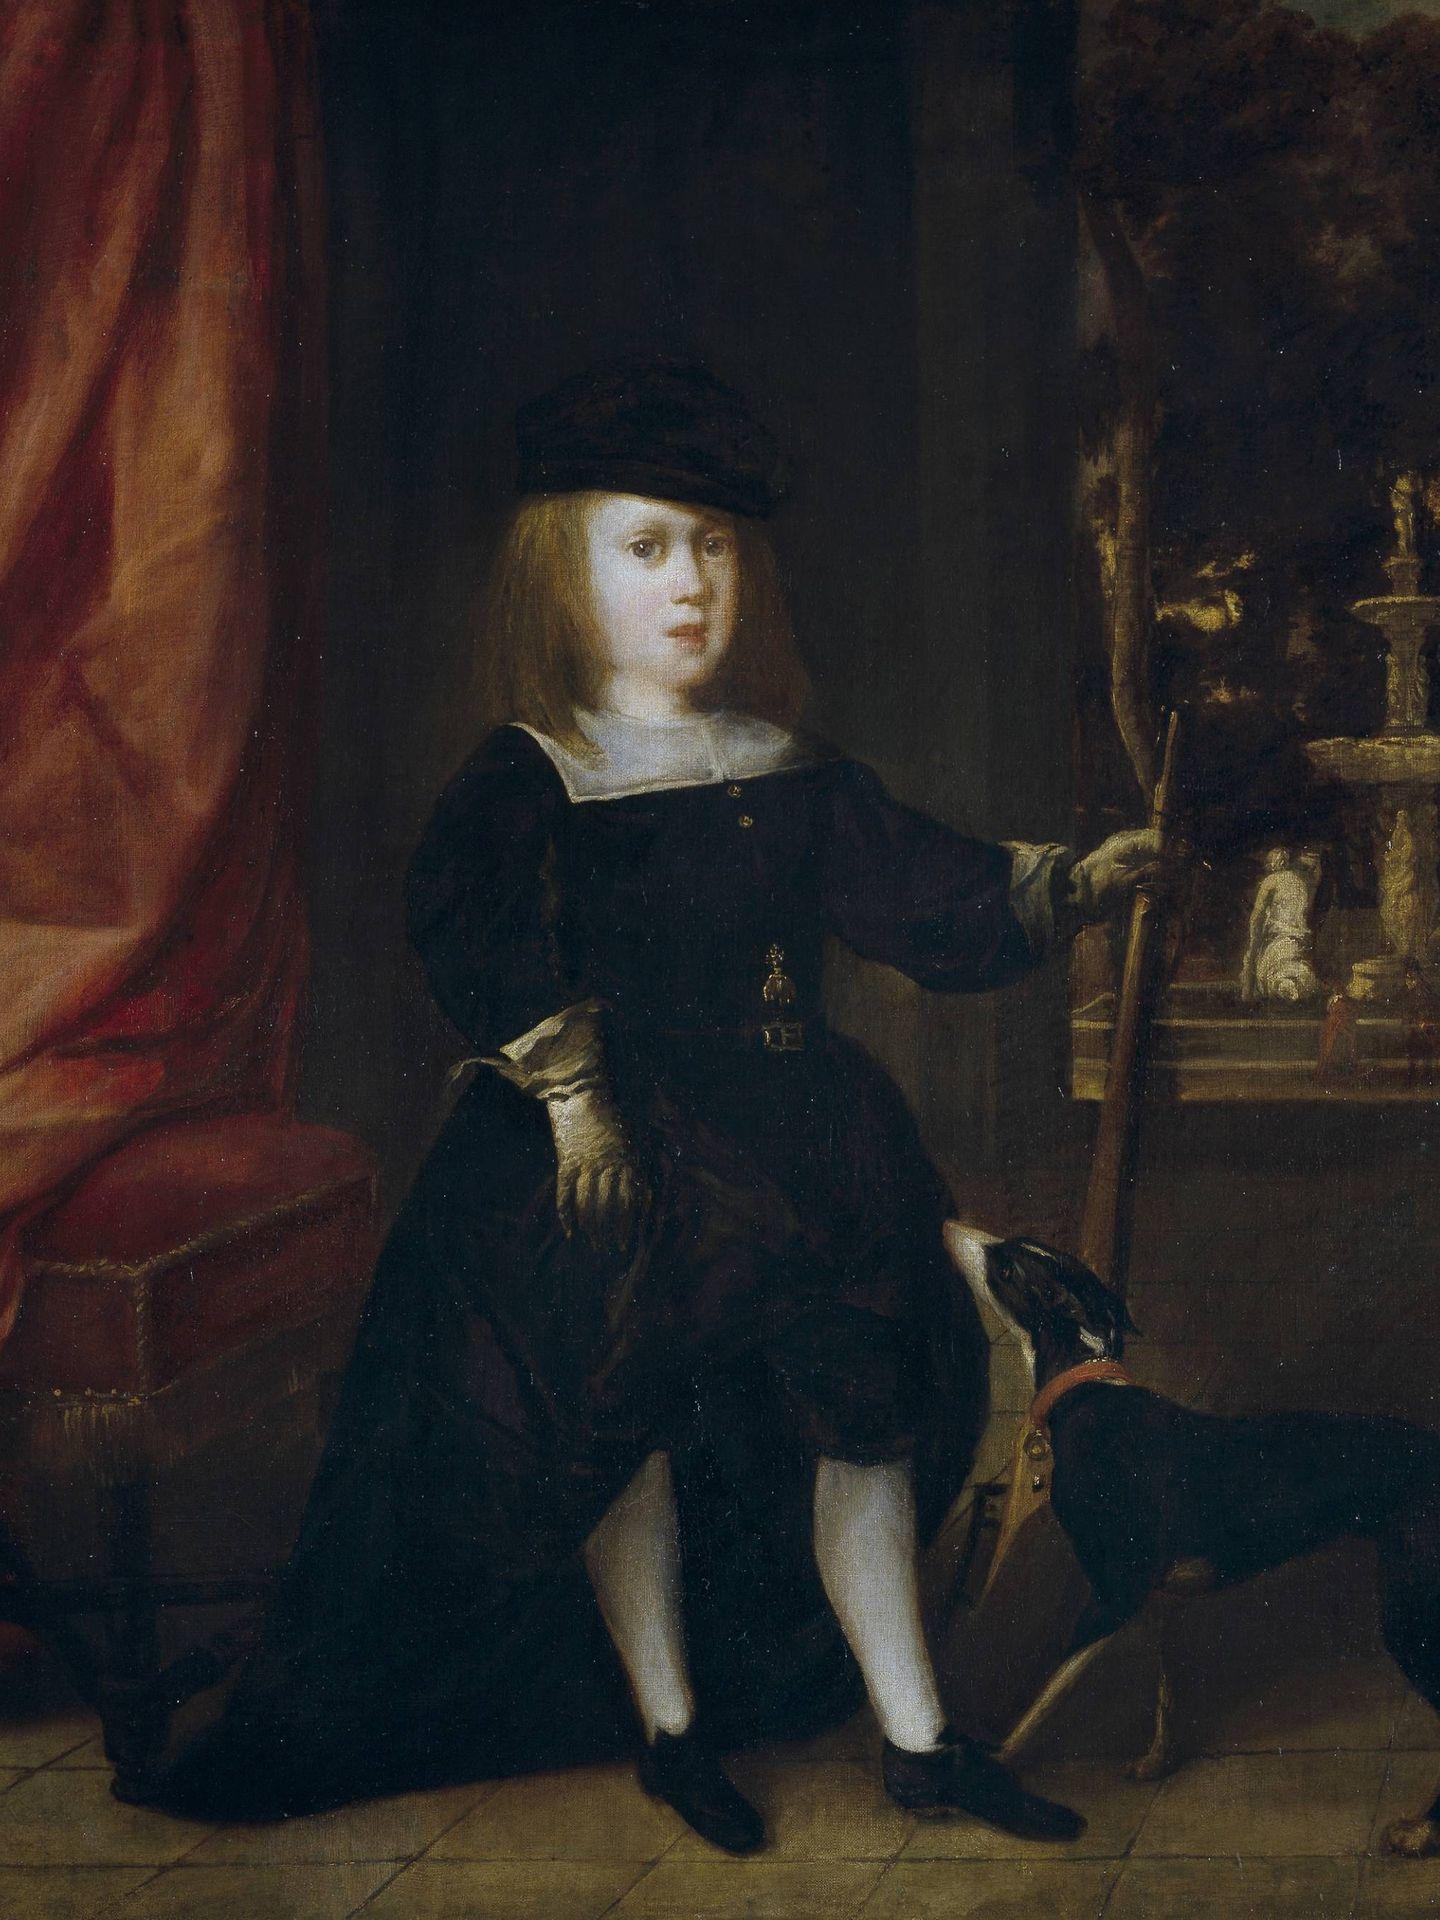 Retrato de Carlos II como niño. (Museo del Prado)